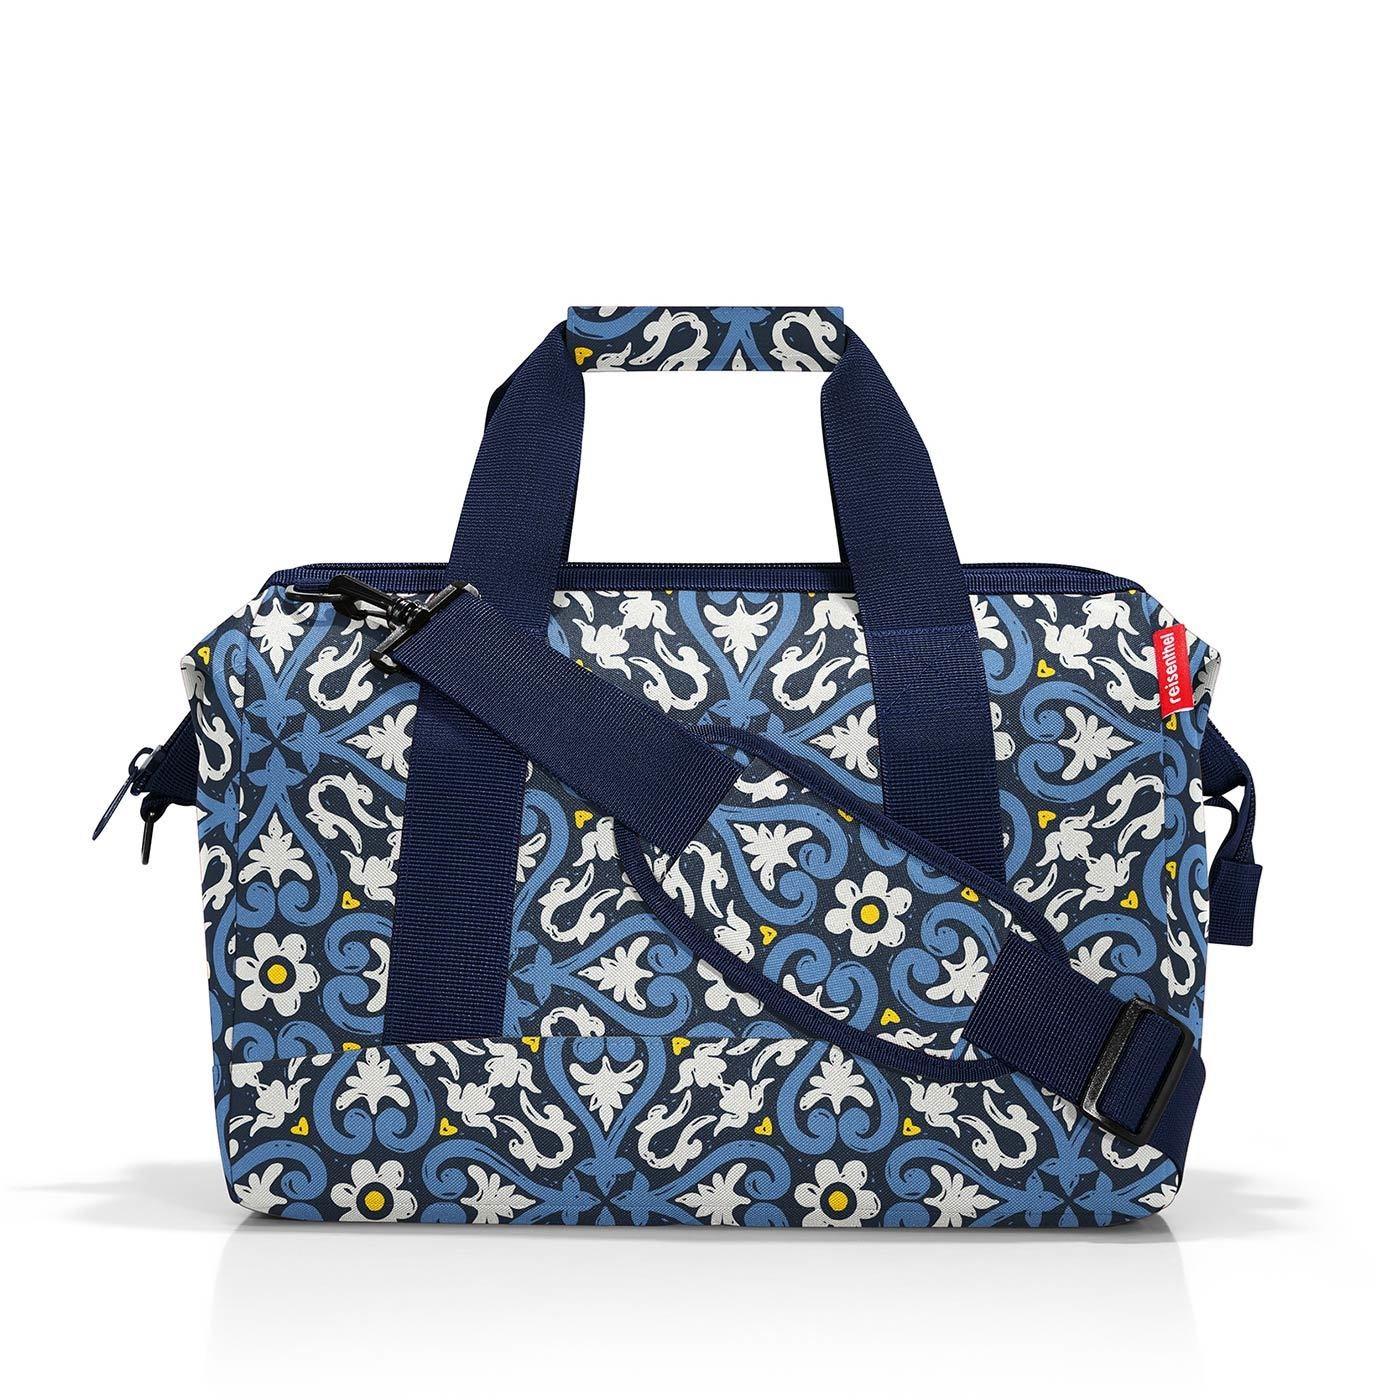 Cestovní taška Allrounder M floral 1_1